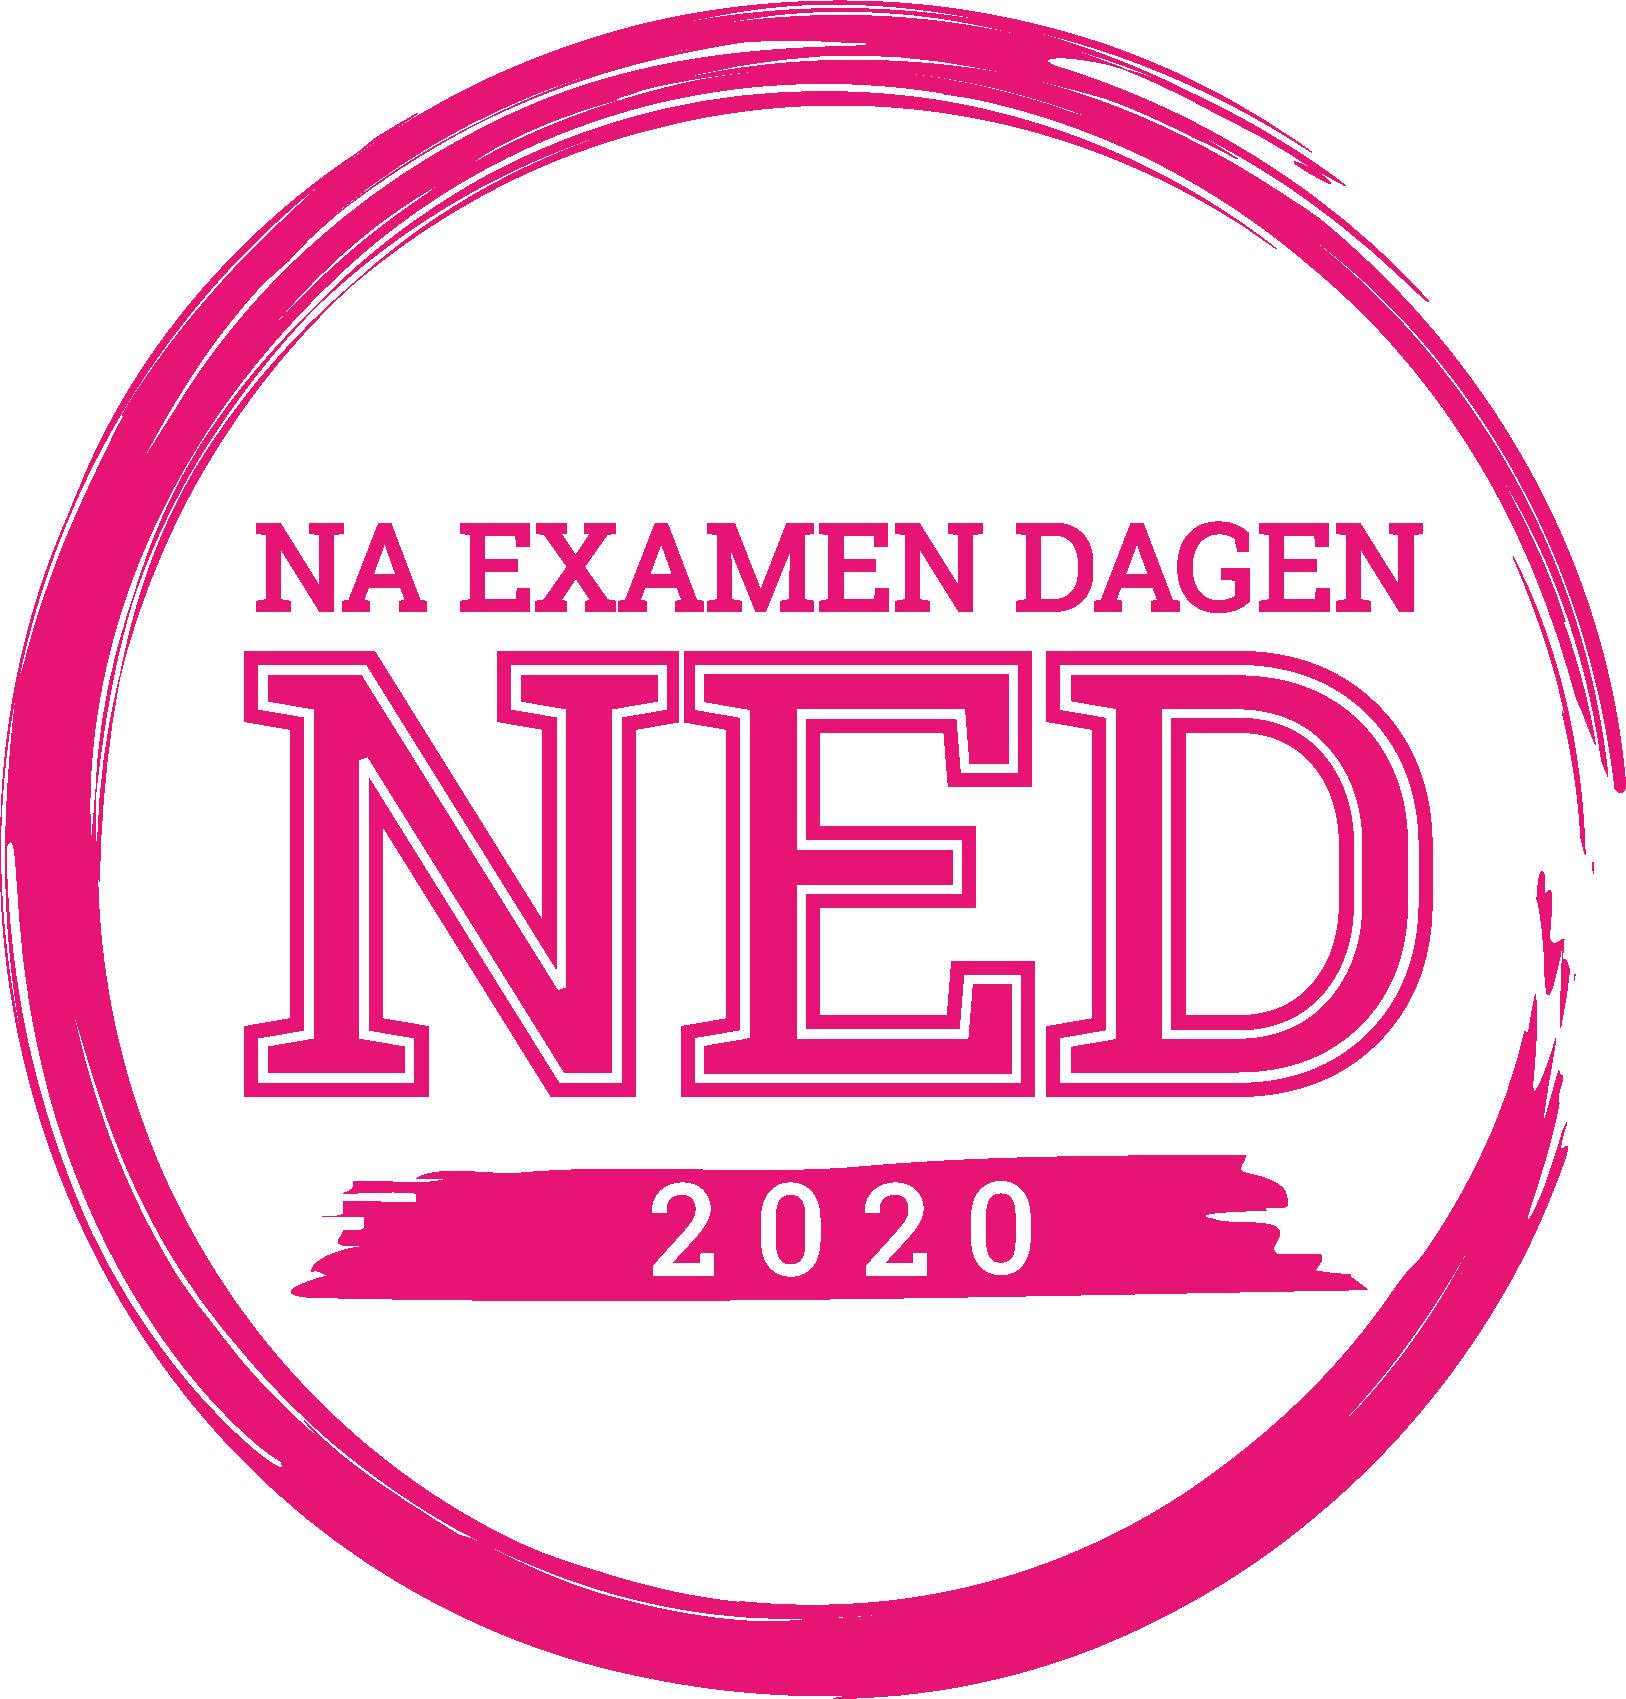 Na Examen Dagen 2020